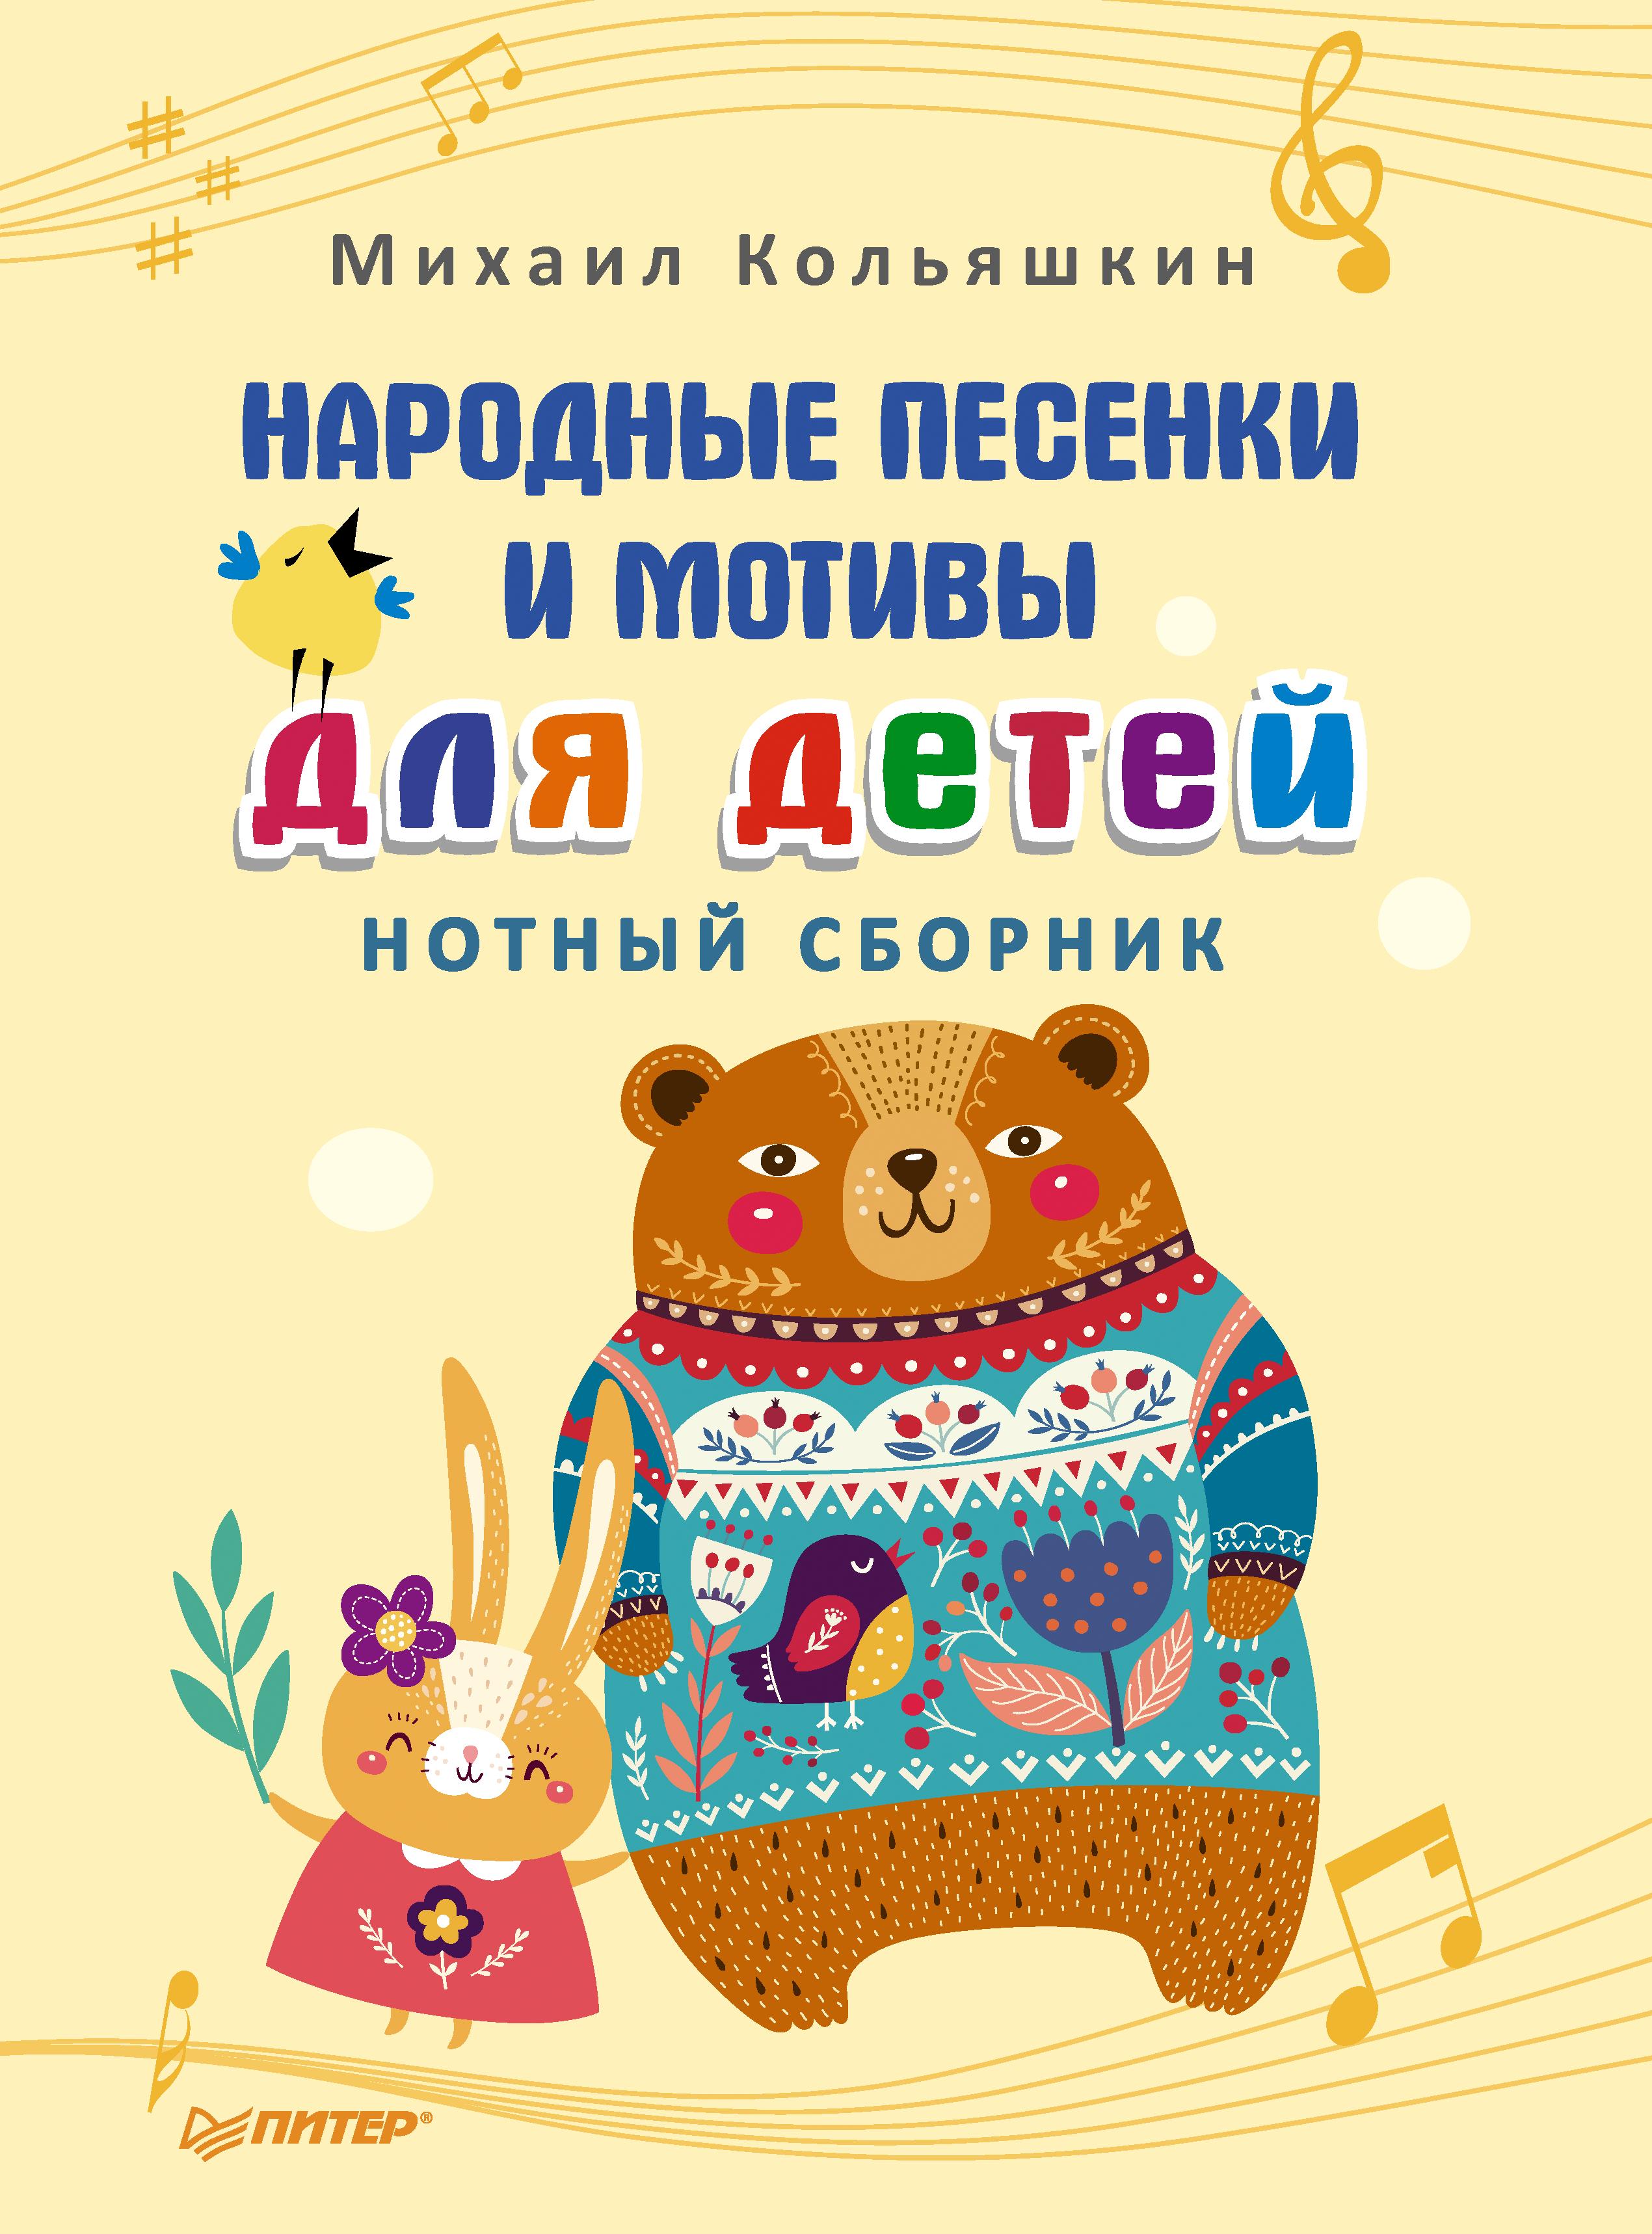 Михаил Кольяшкин Народные песенки и мотивы для детей. Нотный сборник